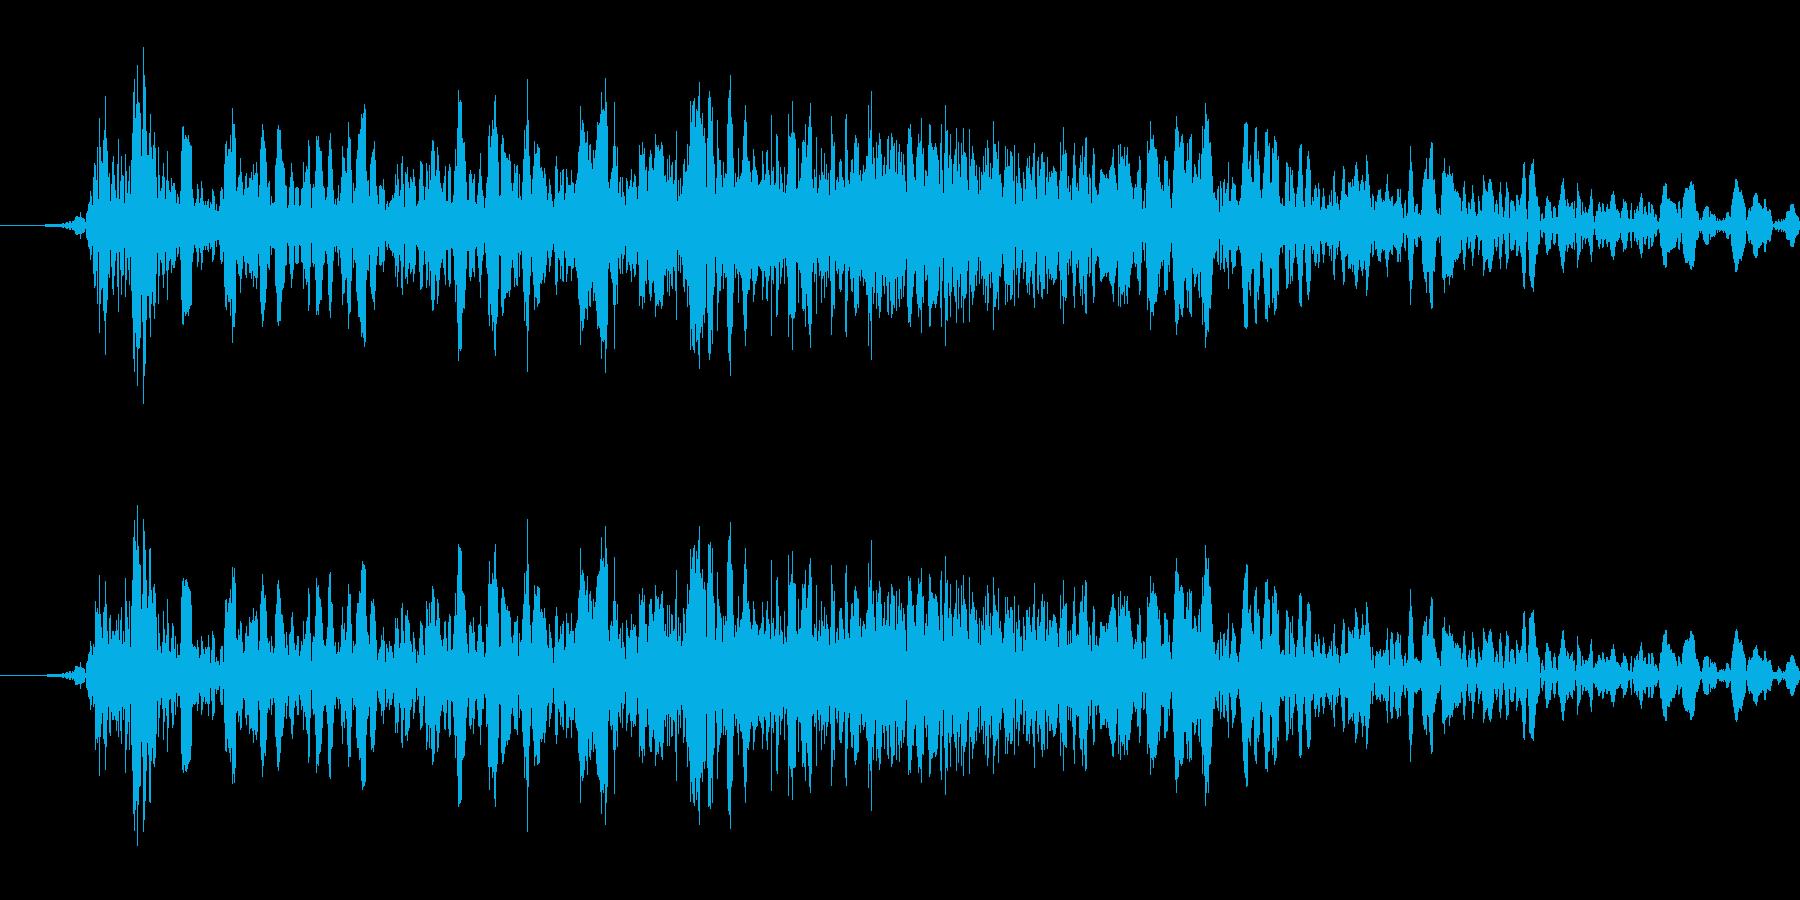 大剣で切る音の再生済みの波形